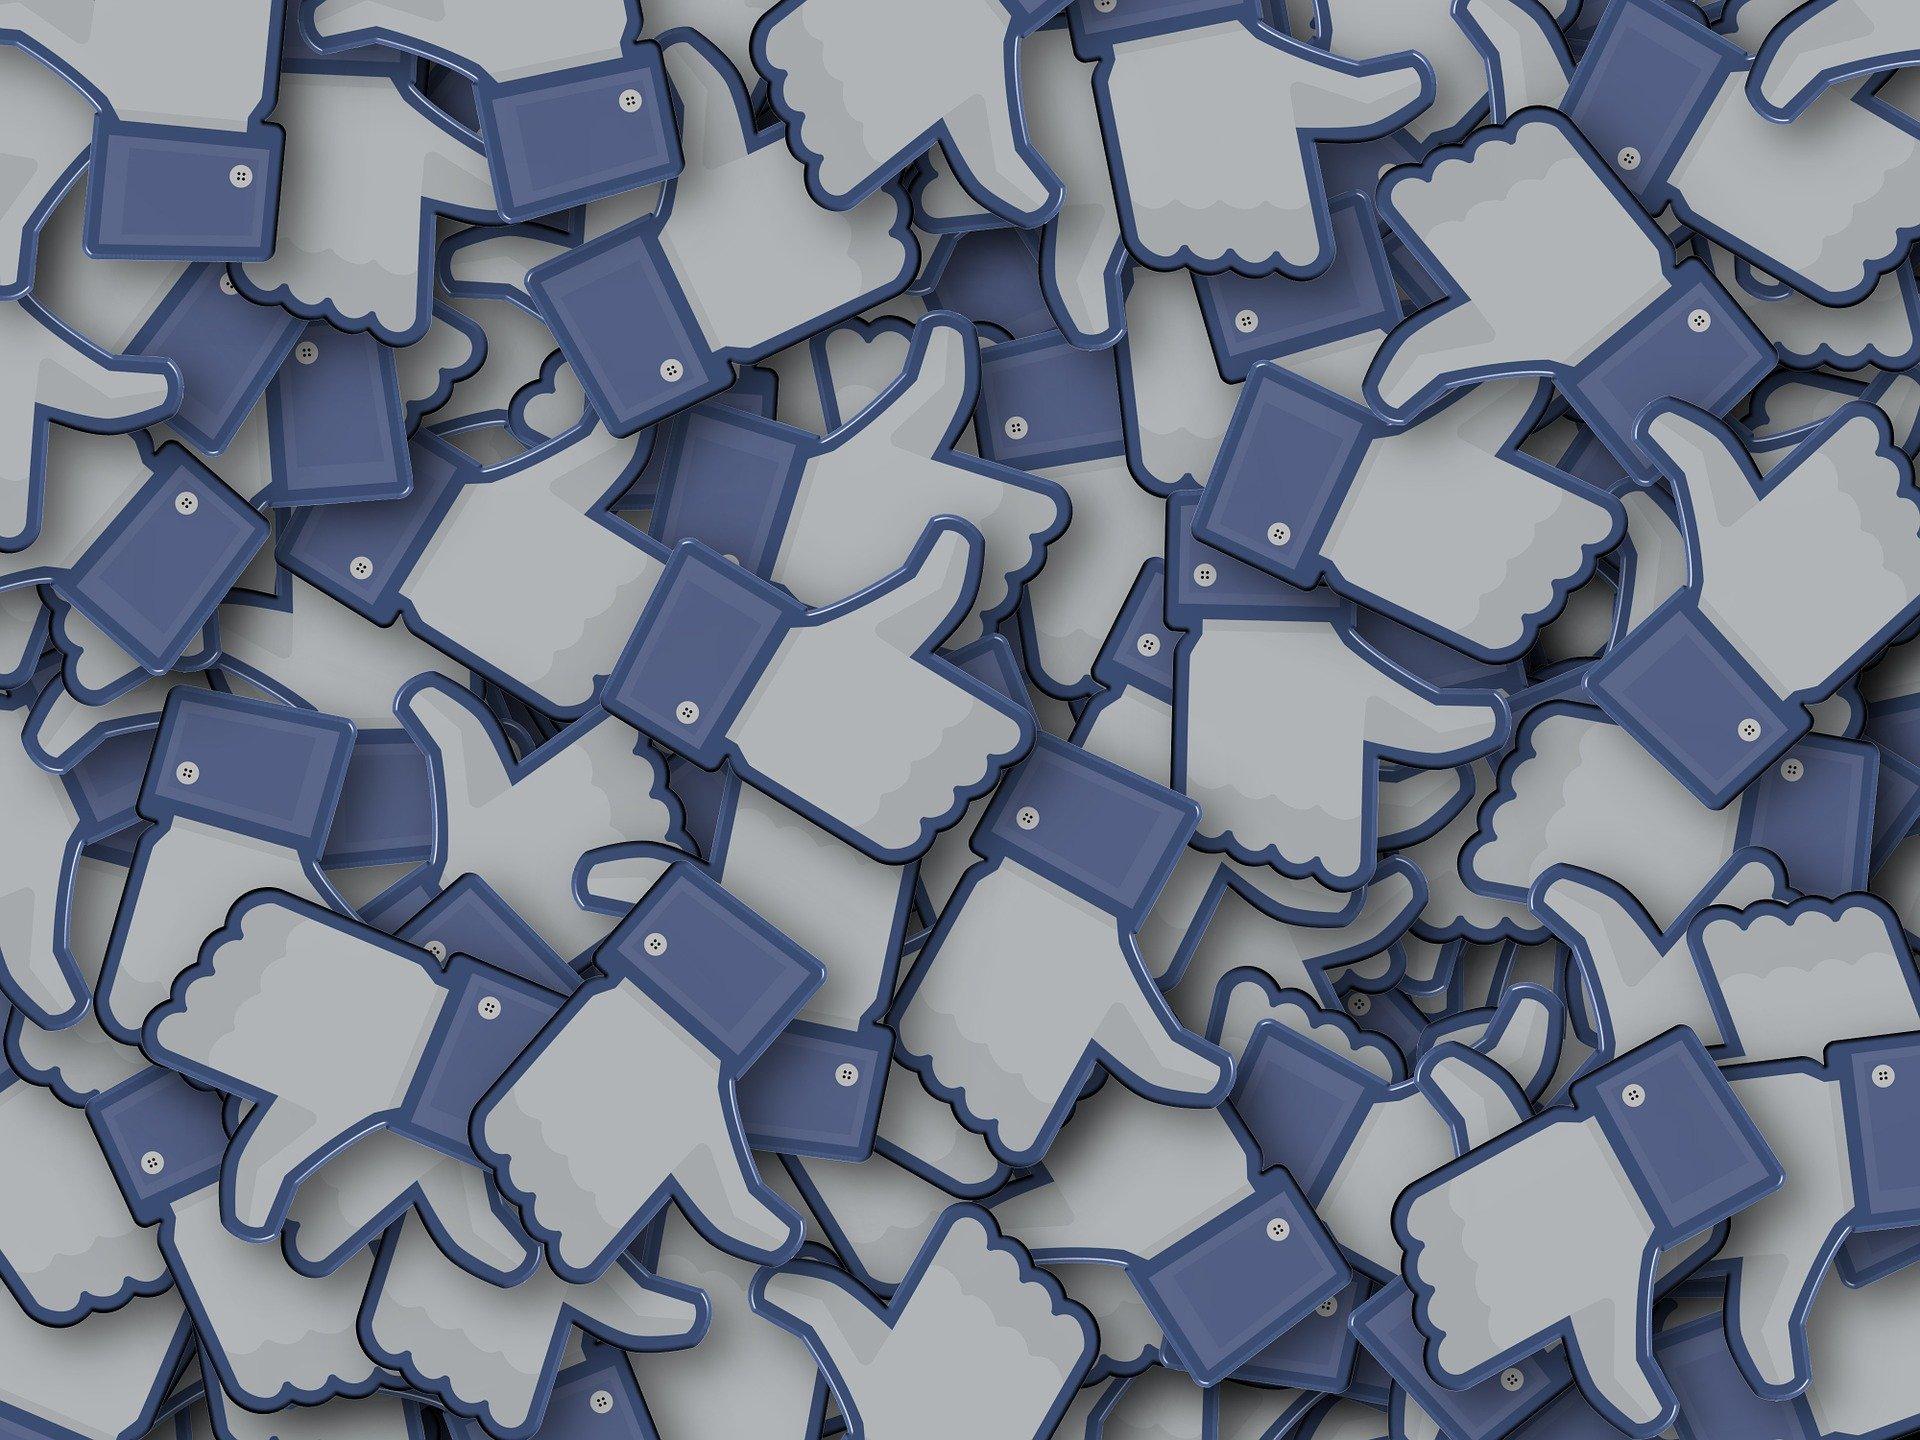 social-media-engagement-social-media-trends-facebook-likes